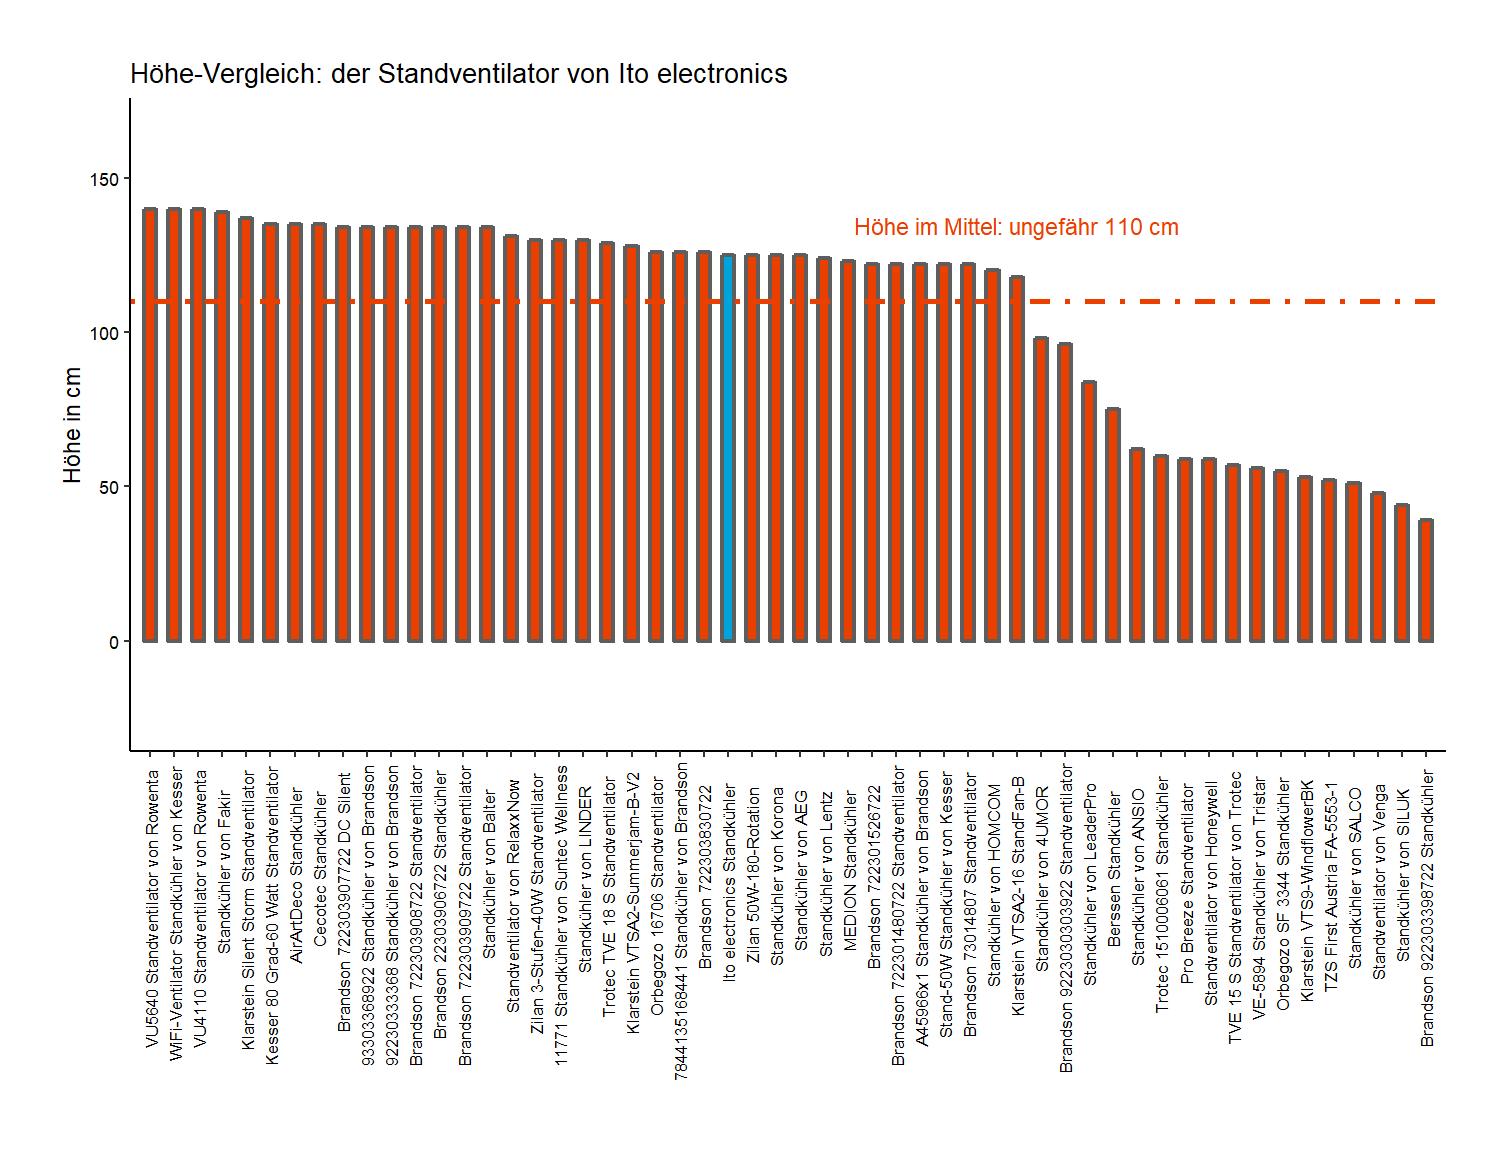 Höhe-Vergleich von dem Ito electronics Standventilator